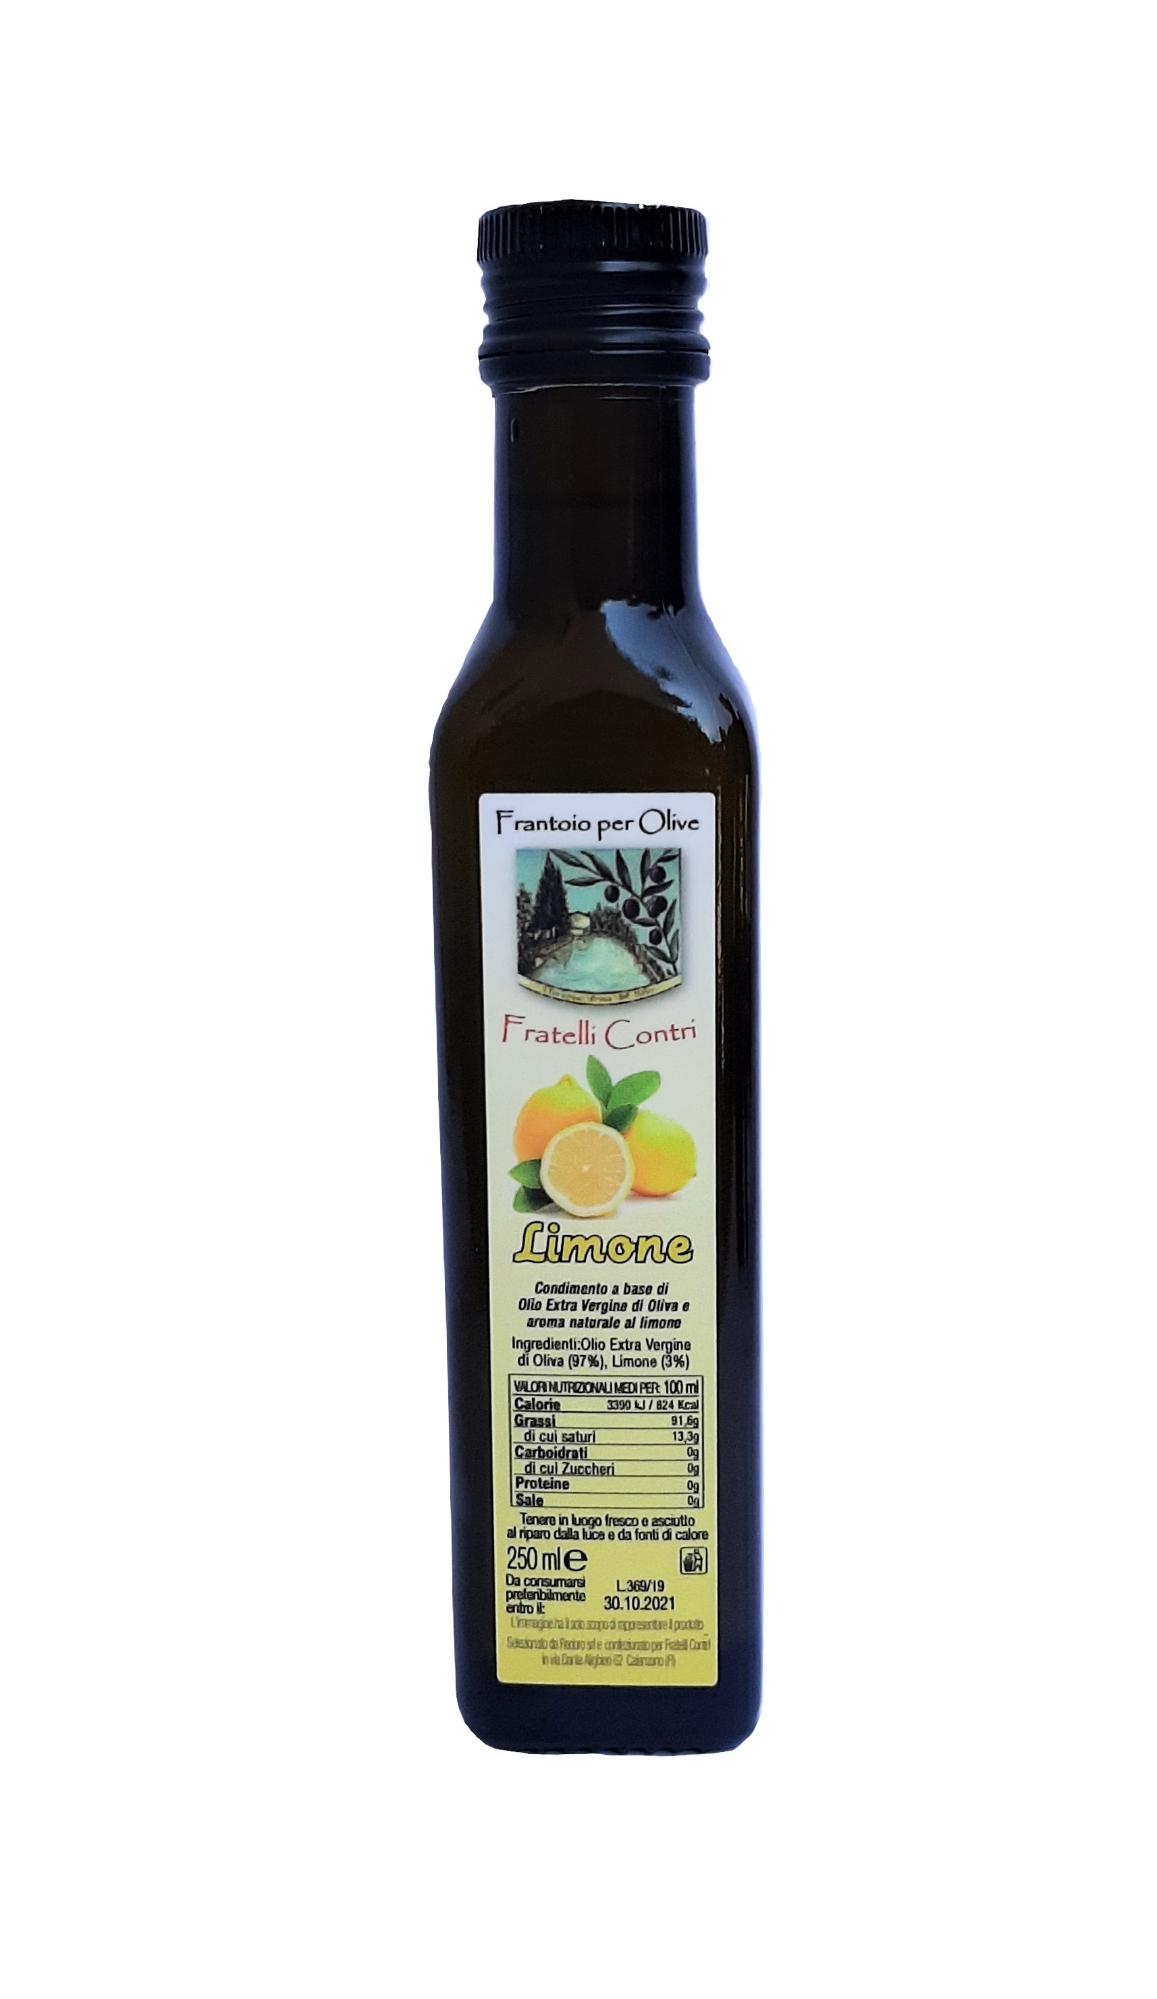 bottiglie-olio-aromatizzato-al-limone-confezione-5-bottiglie